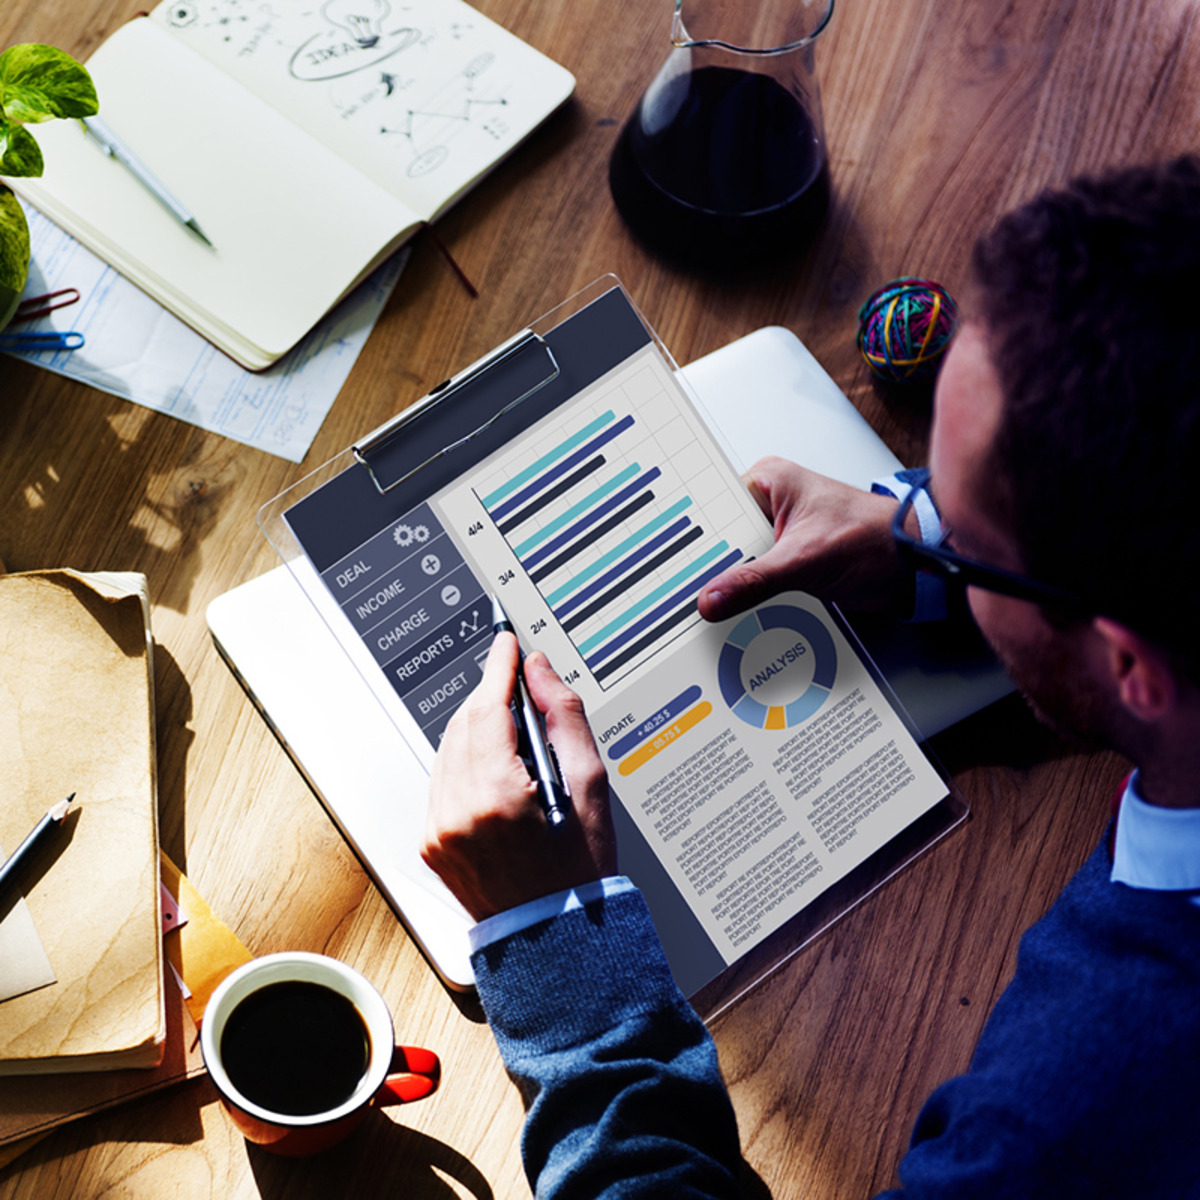 Inglés Empresarial: Finanzas y Economía course image